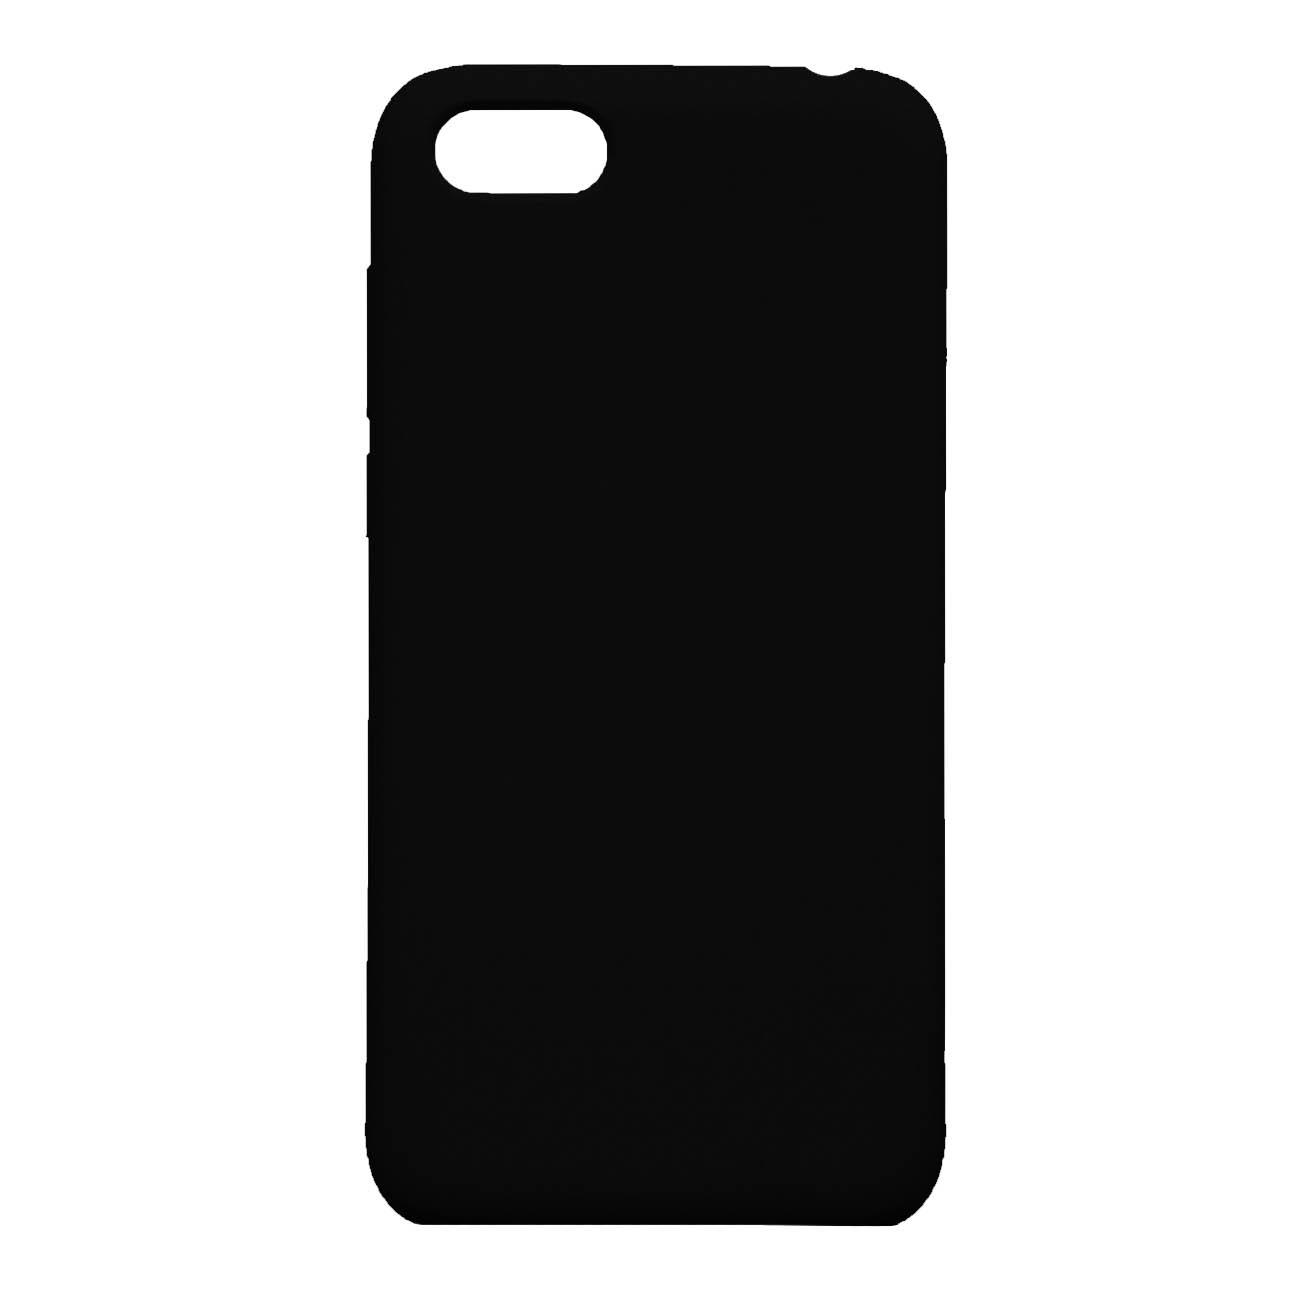 کاور  مدل Ne-1 مناسب برای گوشی موبایل هوآوی Y5 Lite 2018              ( قیمت و خرید)